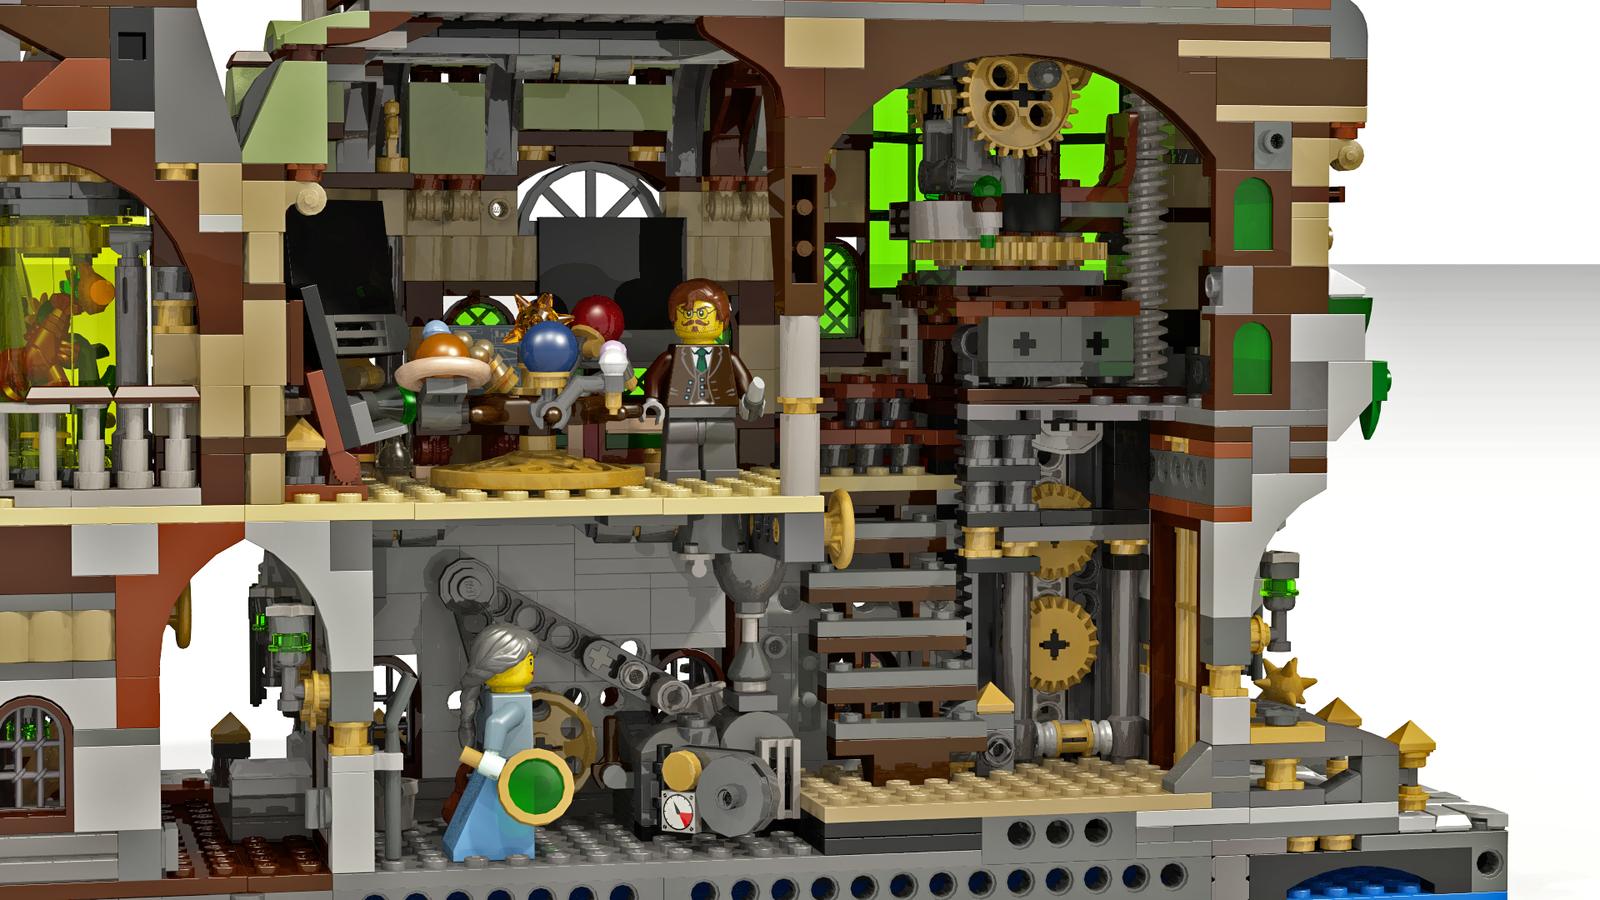 lego-ideas-exploratorium-endlessages-3 zusammengebaut.com